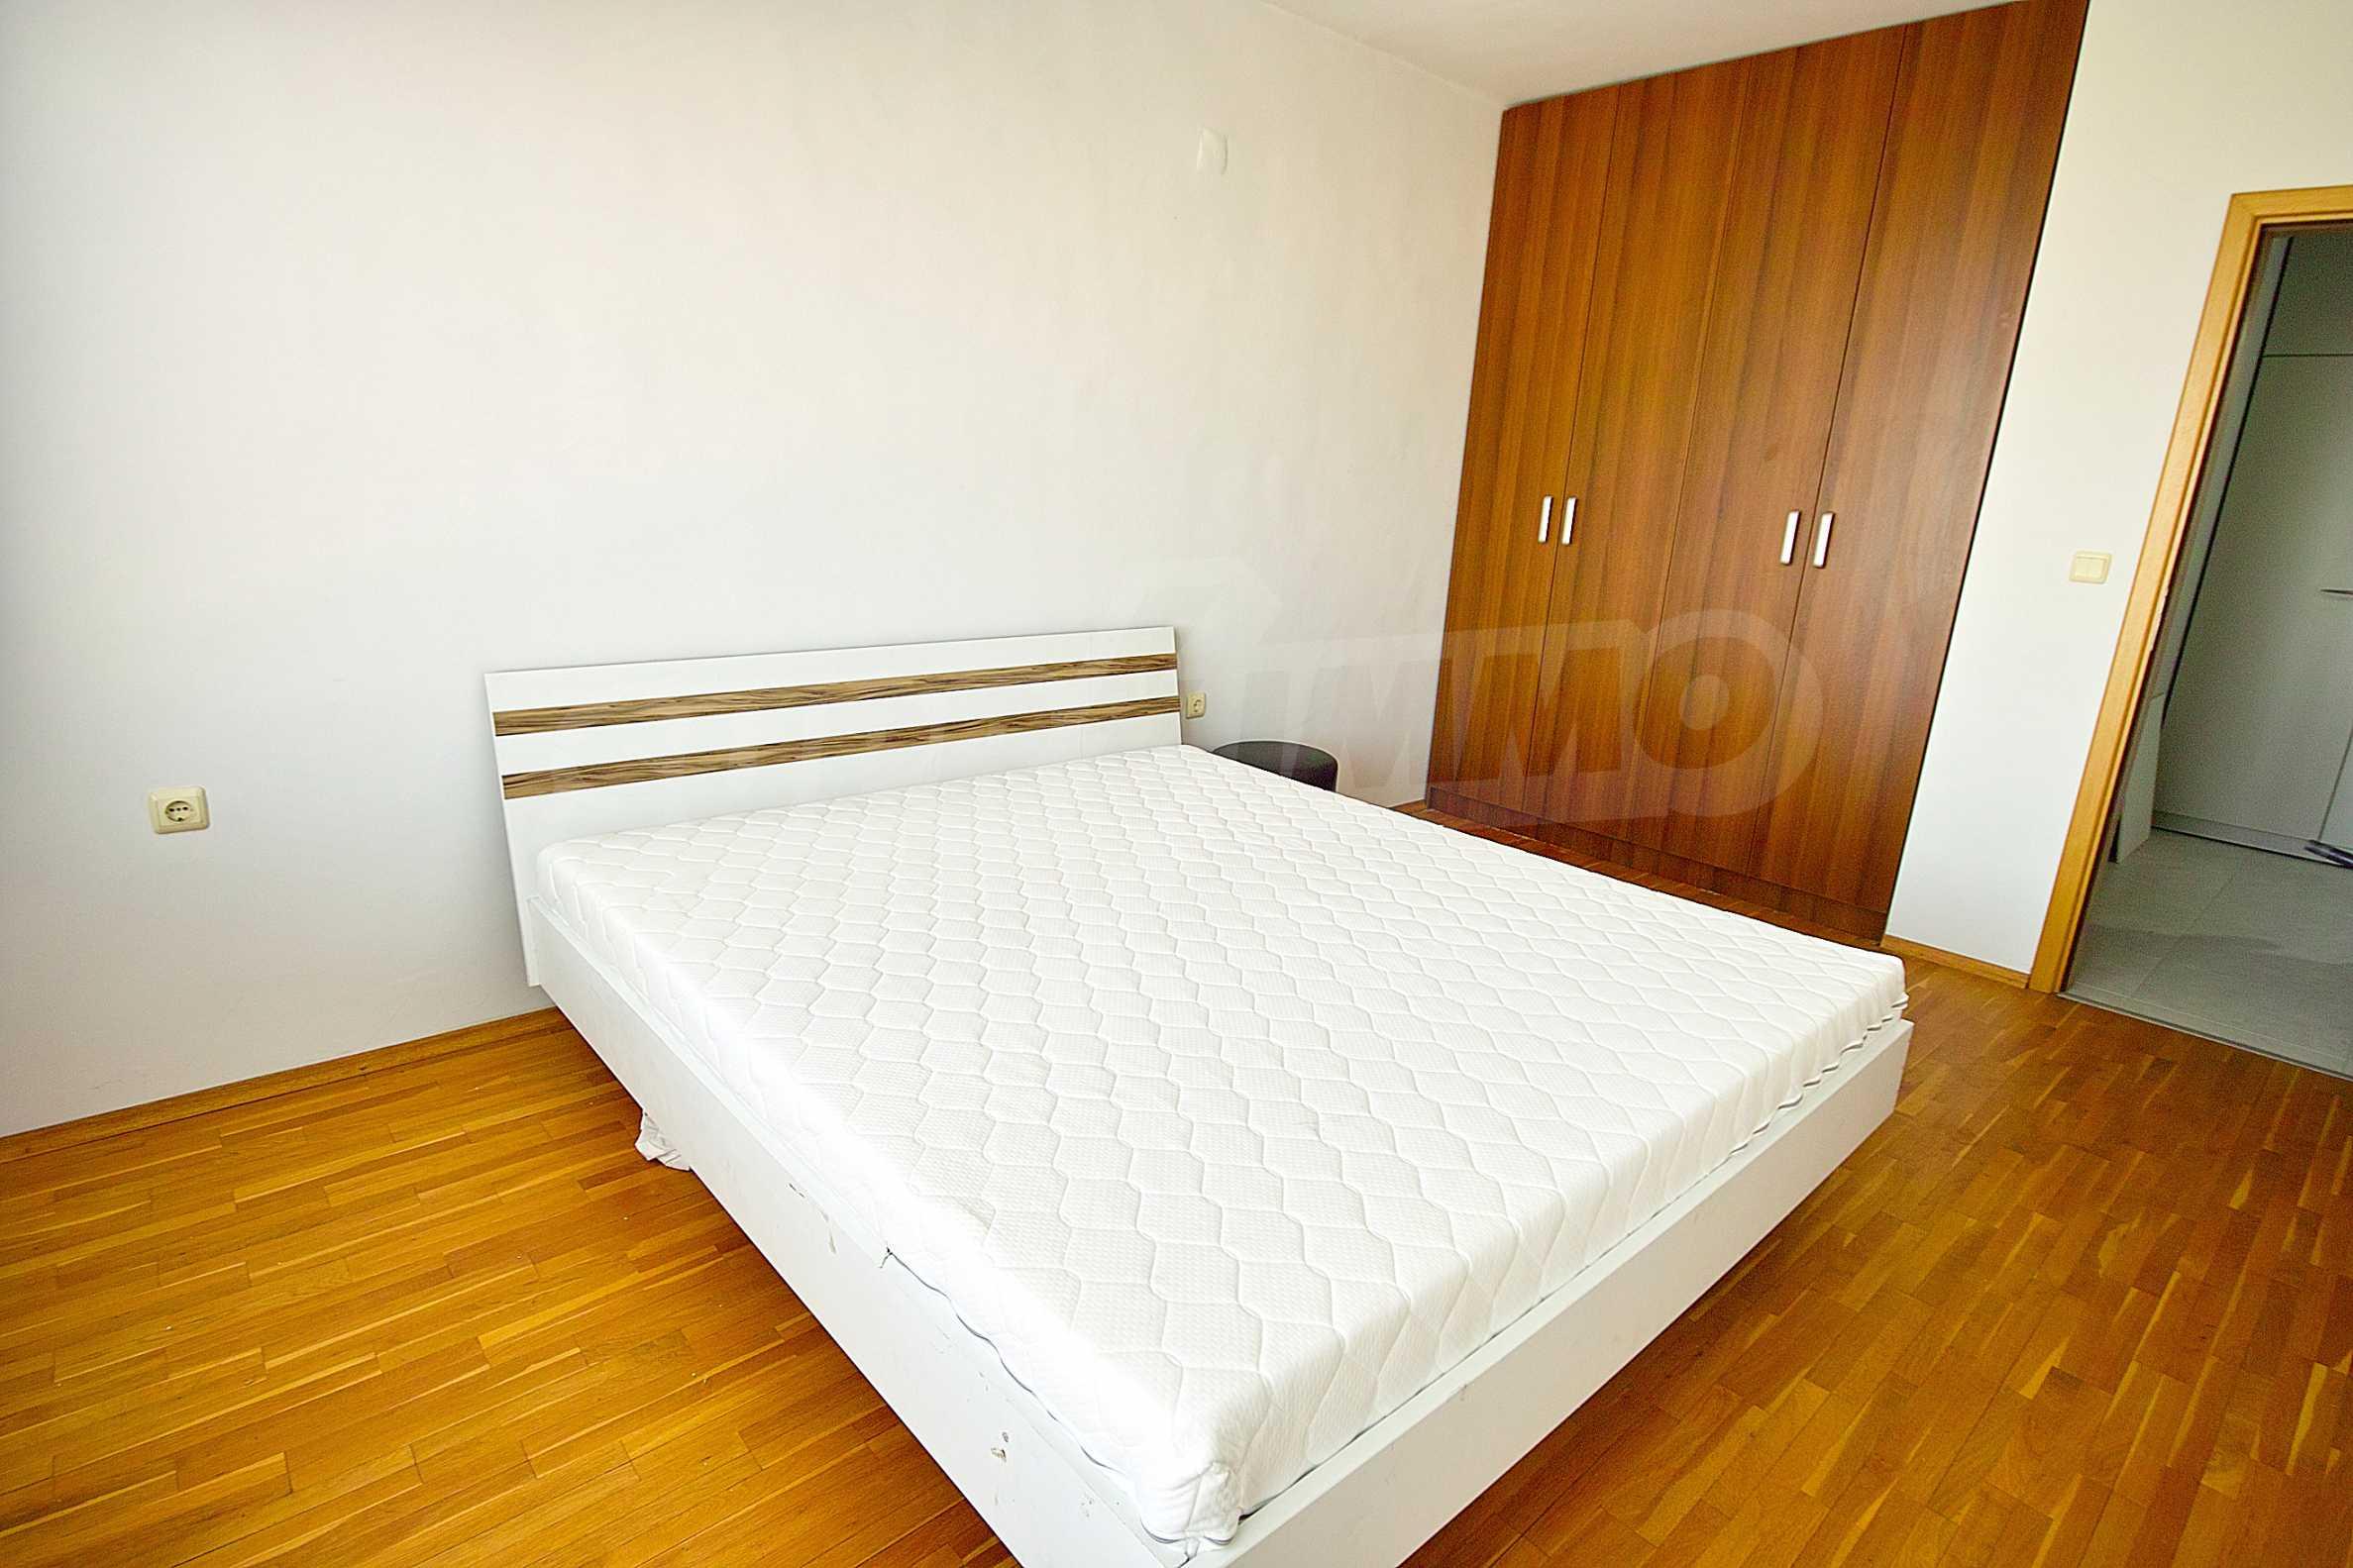 Wohnung zu vermieten in Lyulin-3 Bezirk neben der U-Bahn 3